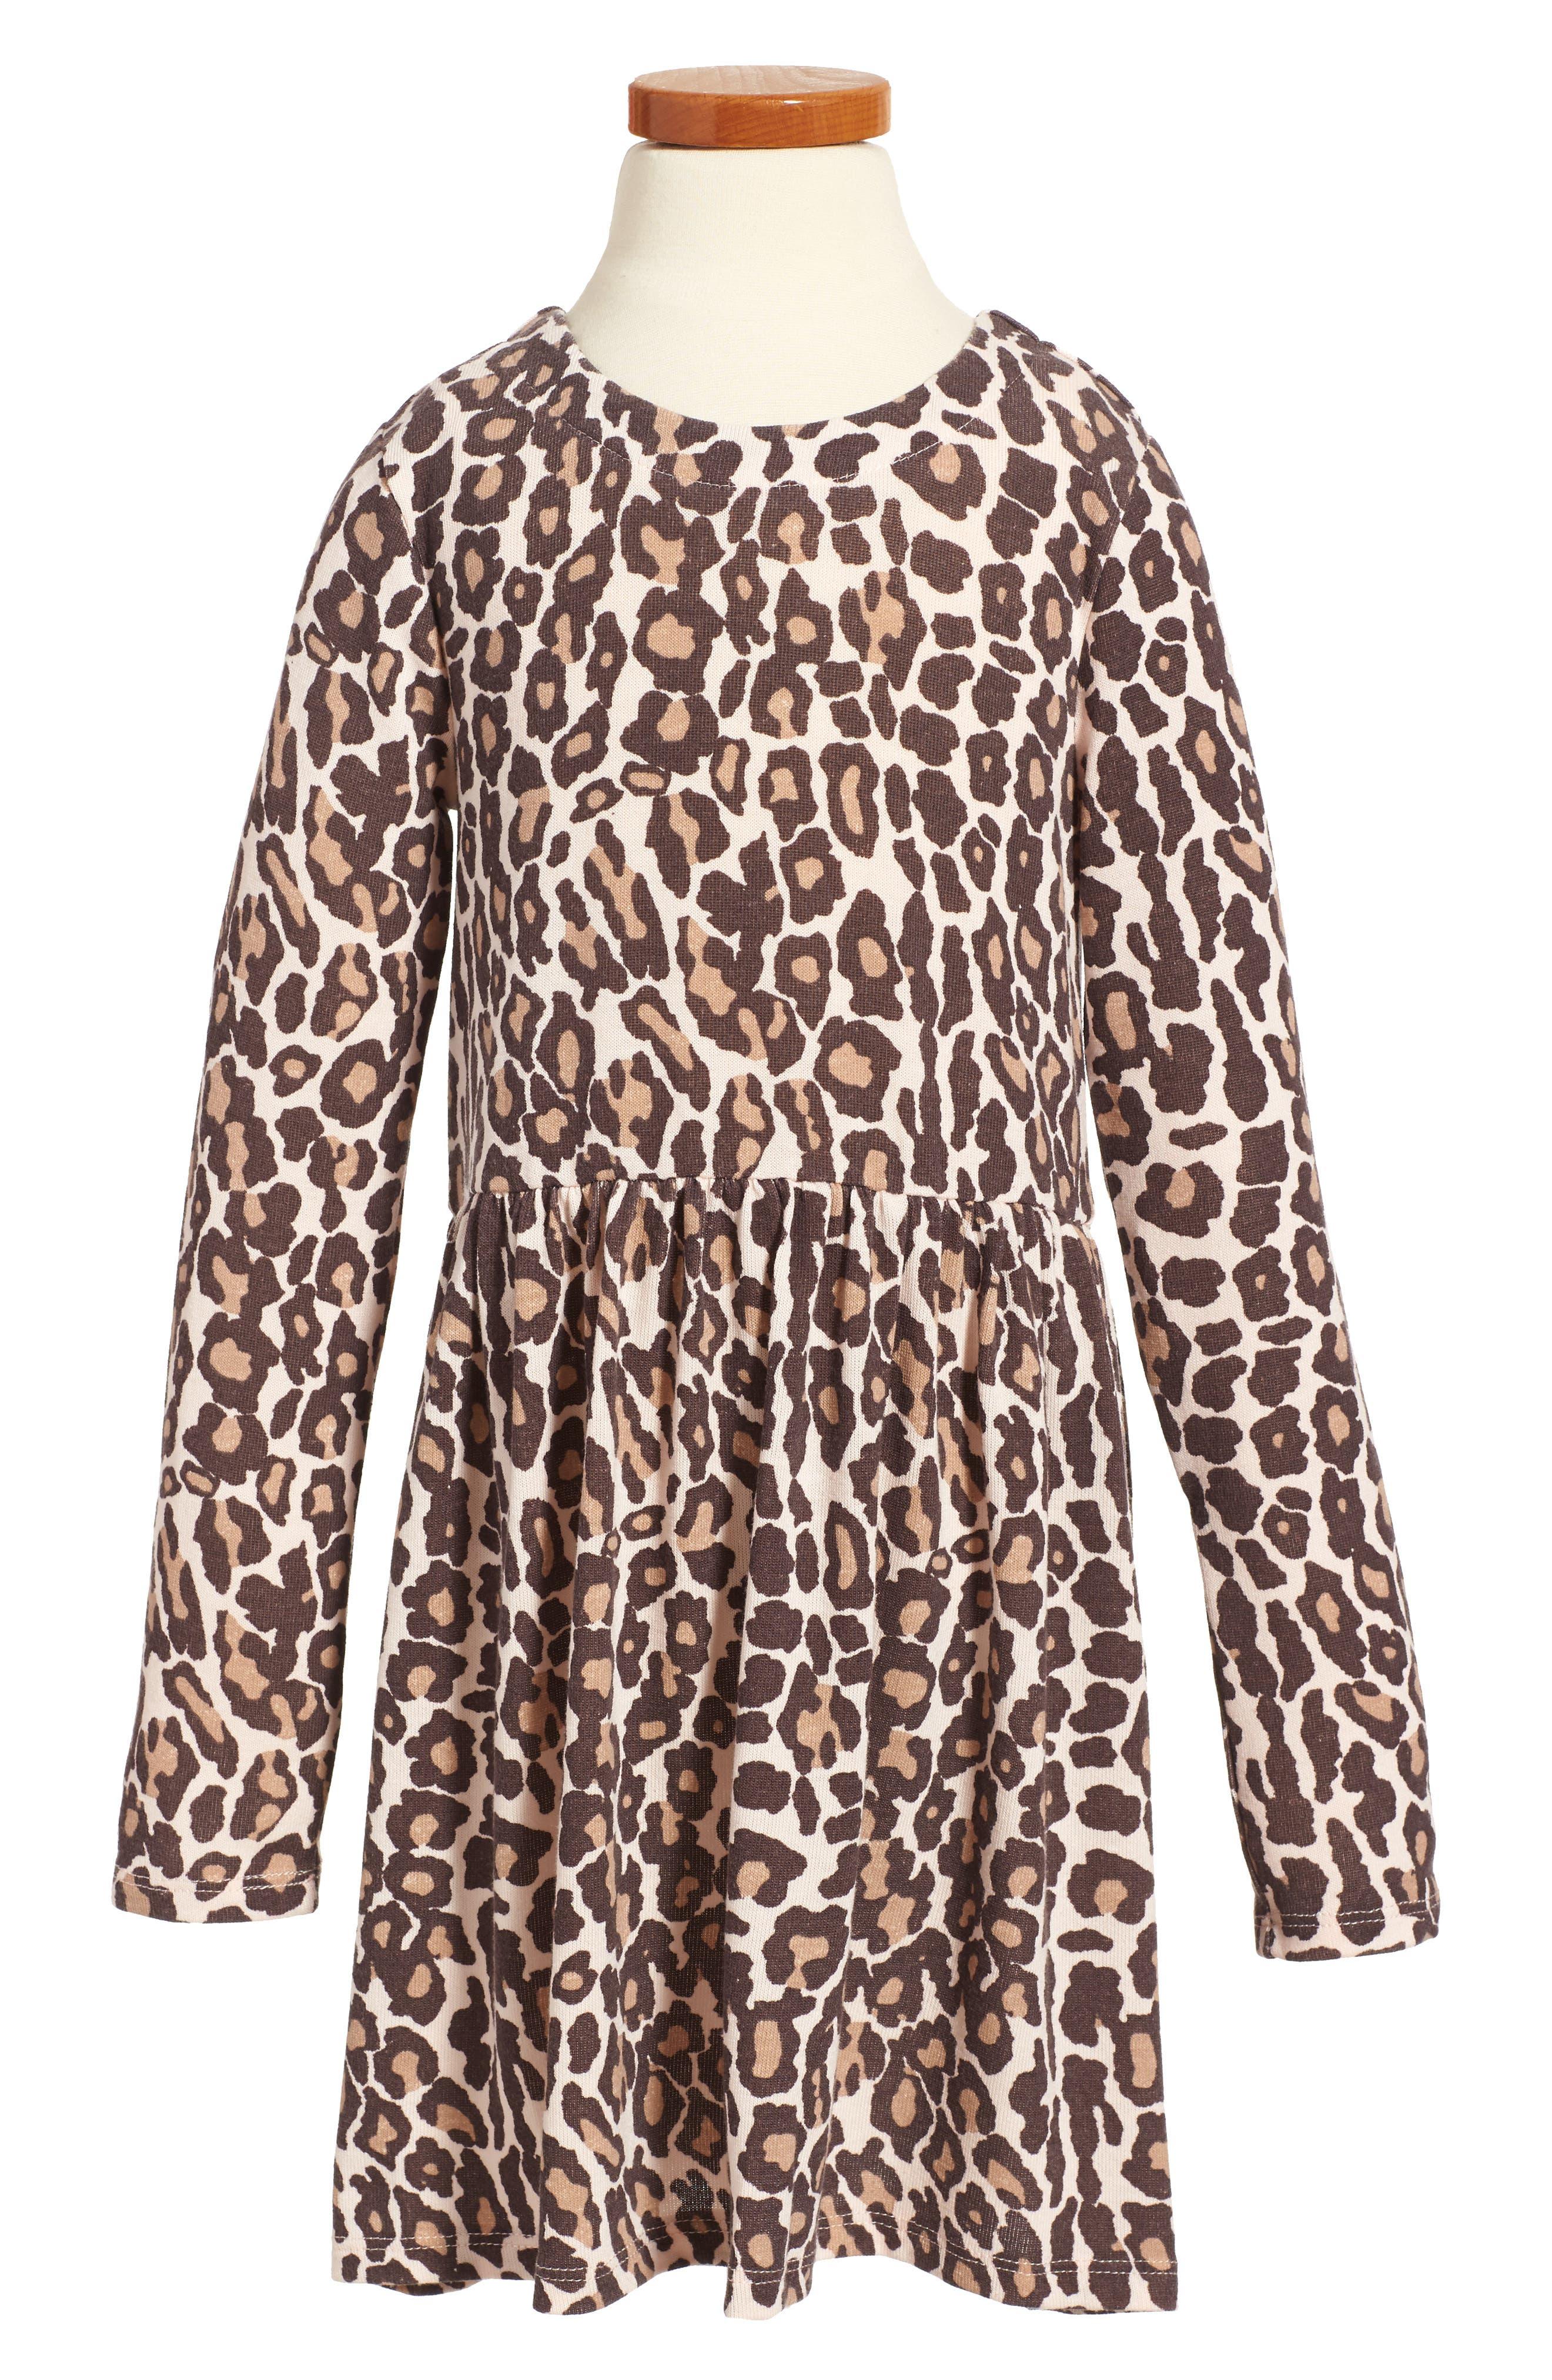 Alternate Image 1 Selected - Splendid Animal Print Loose Knit Dress (Toddler Girls & Little Girls)